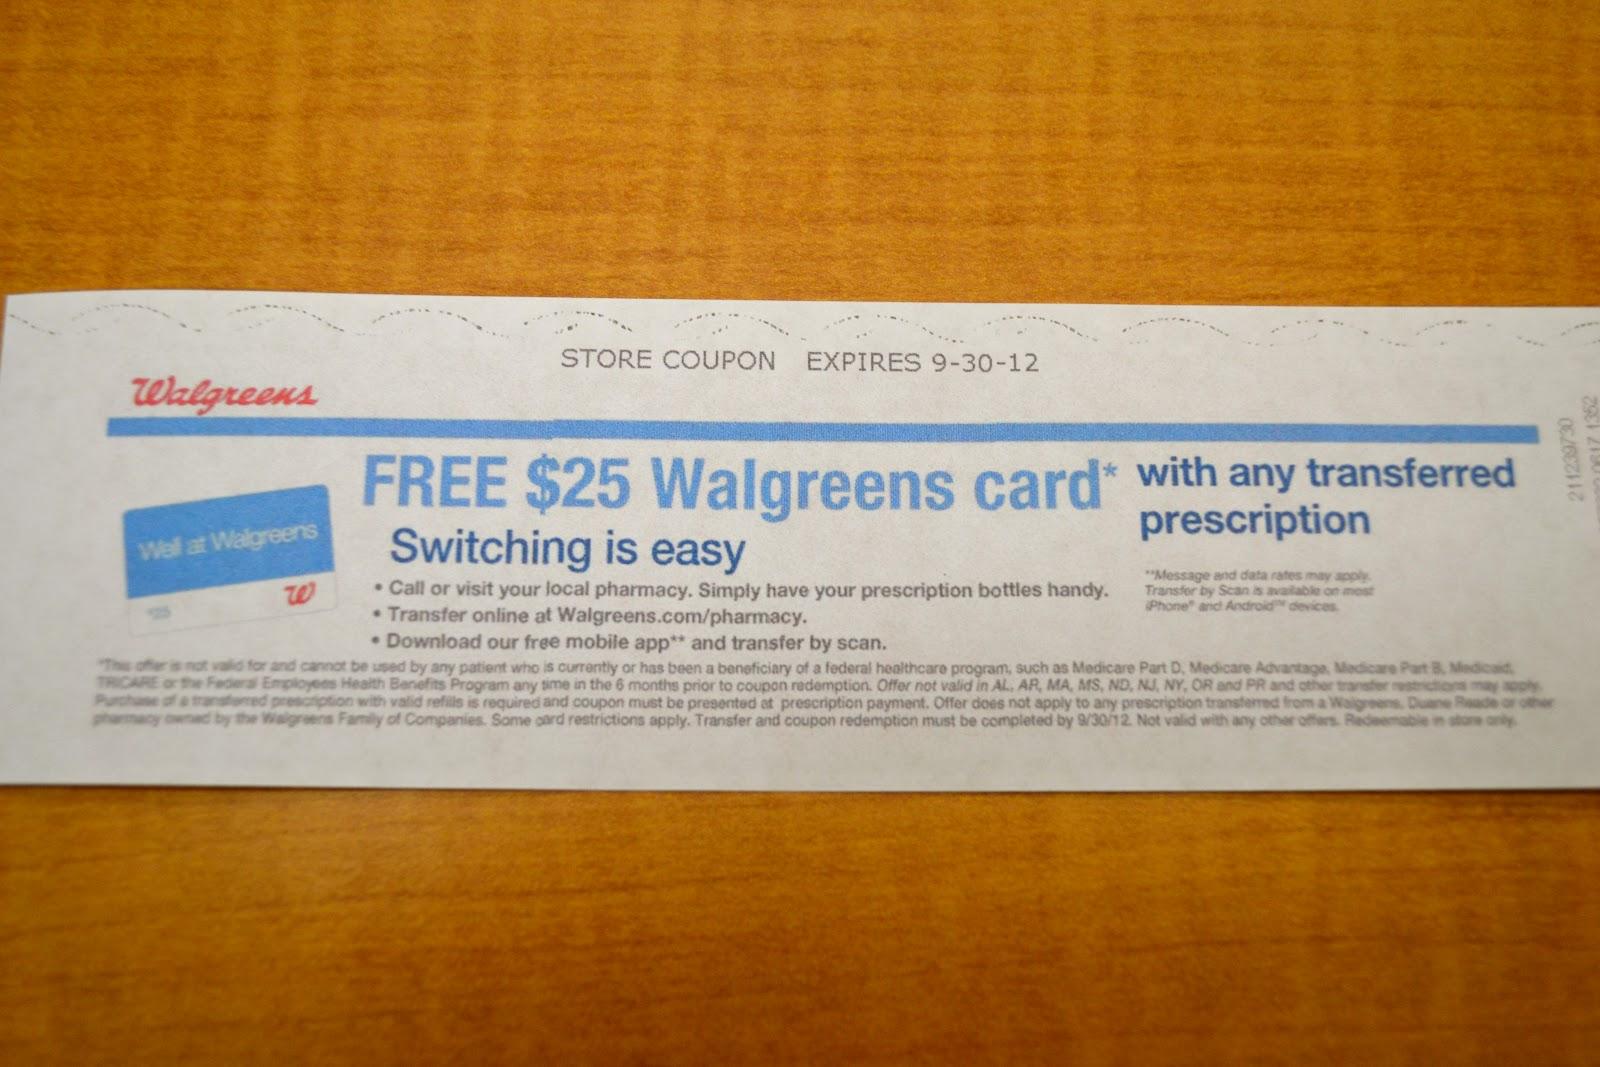 walgreens coupon - Walgreens Prescription Discount Card